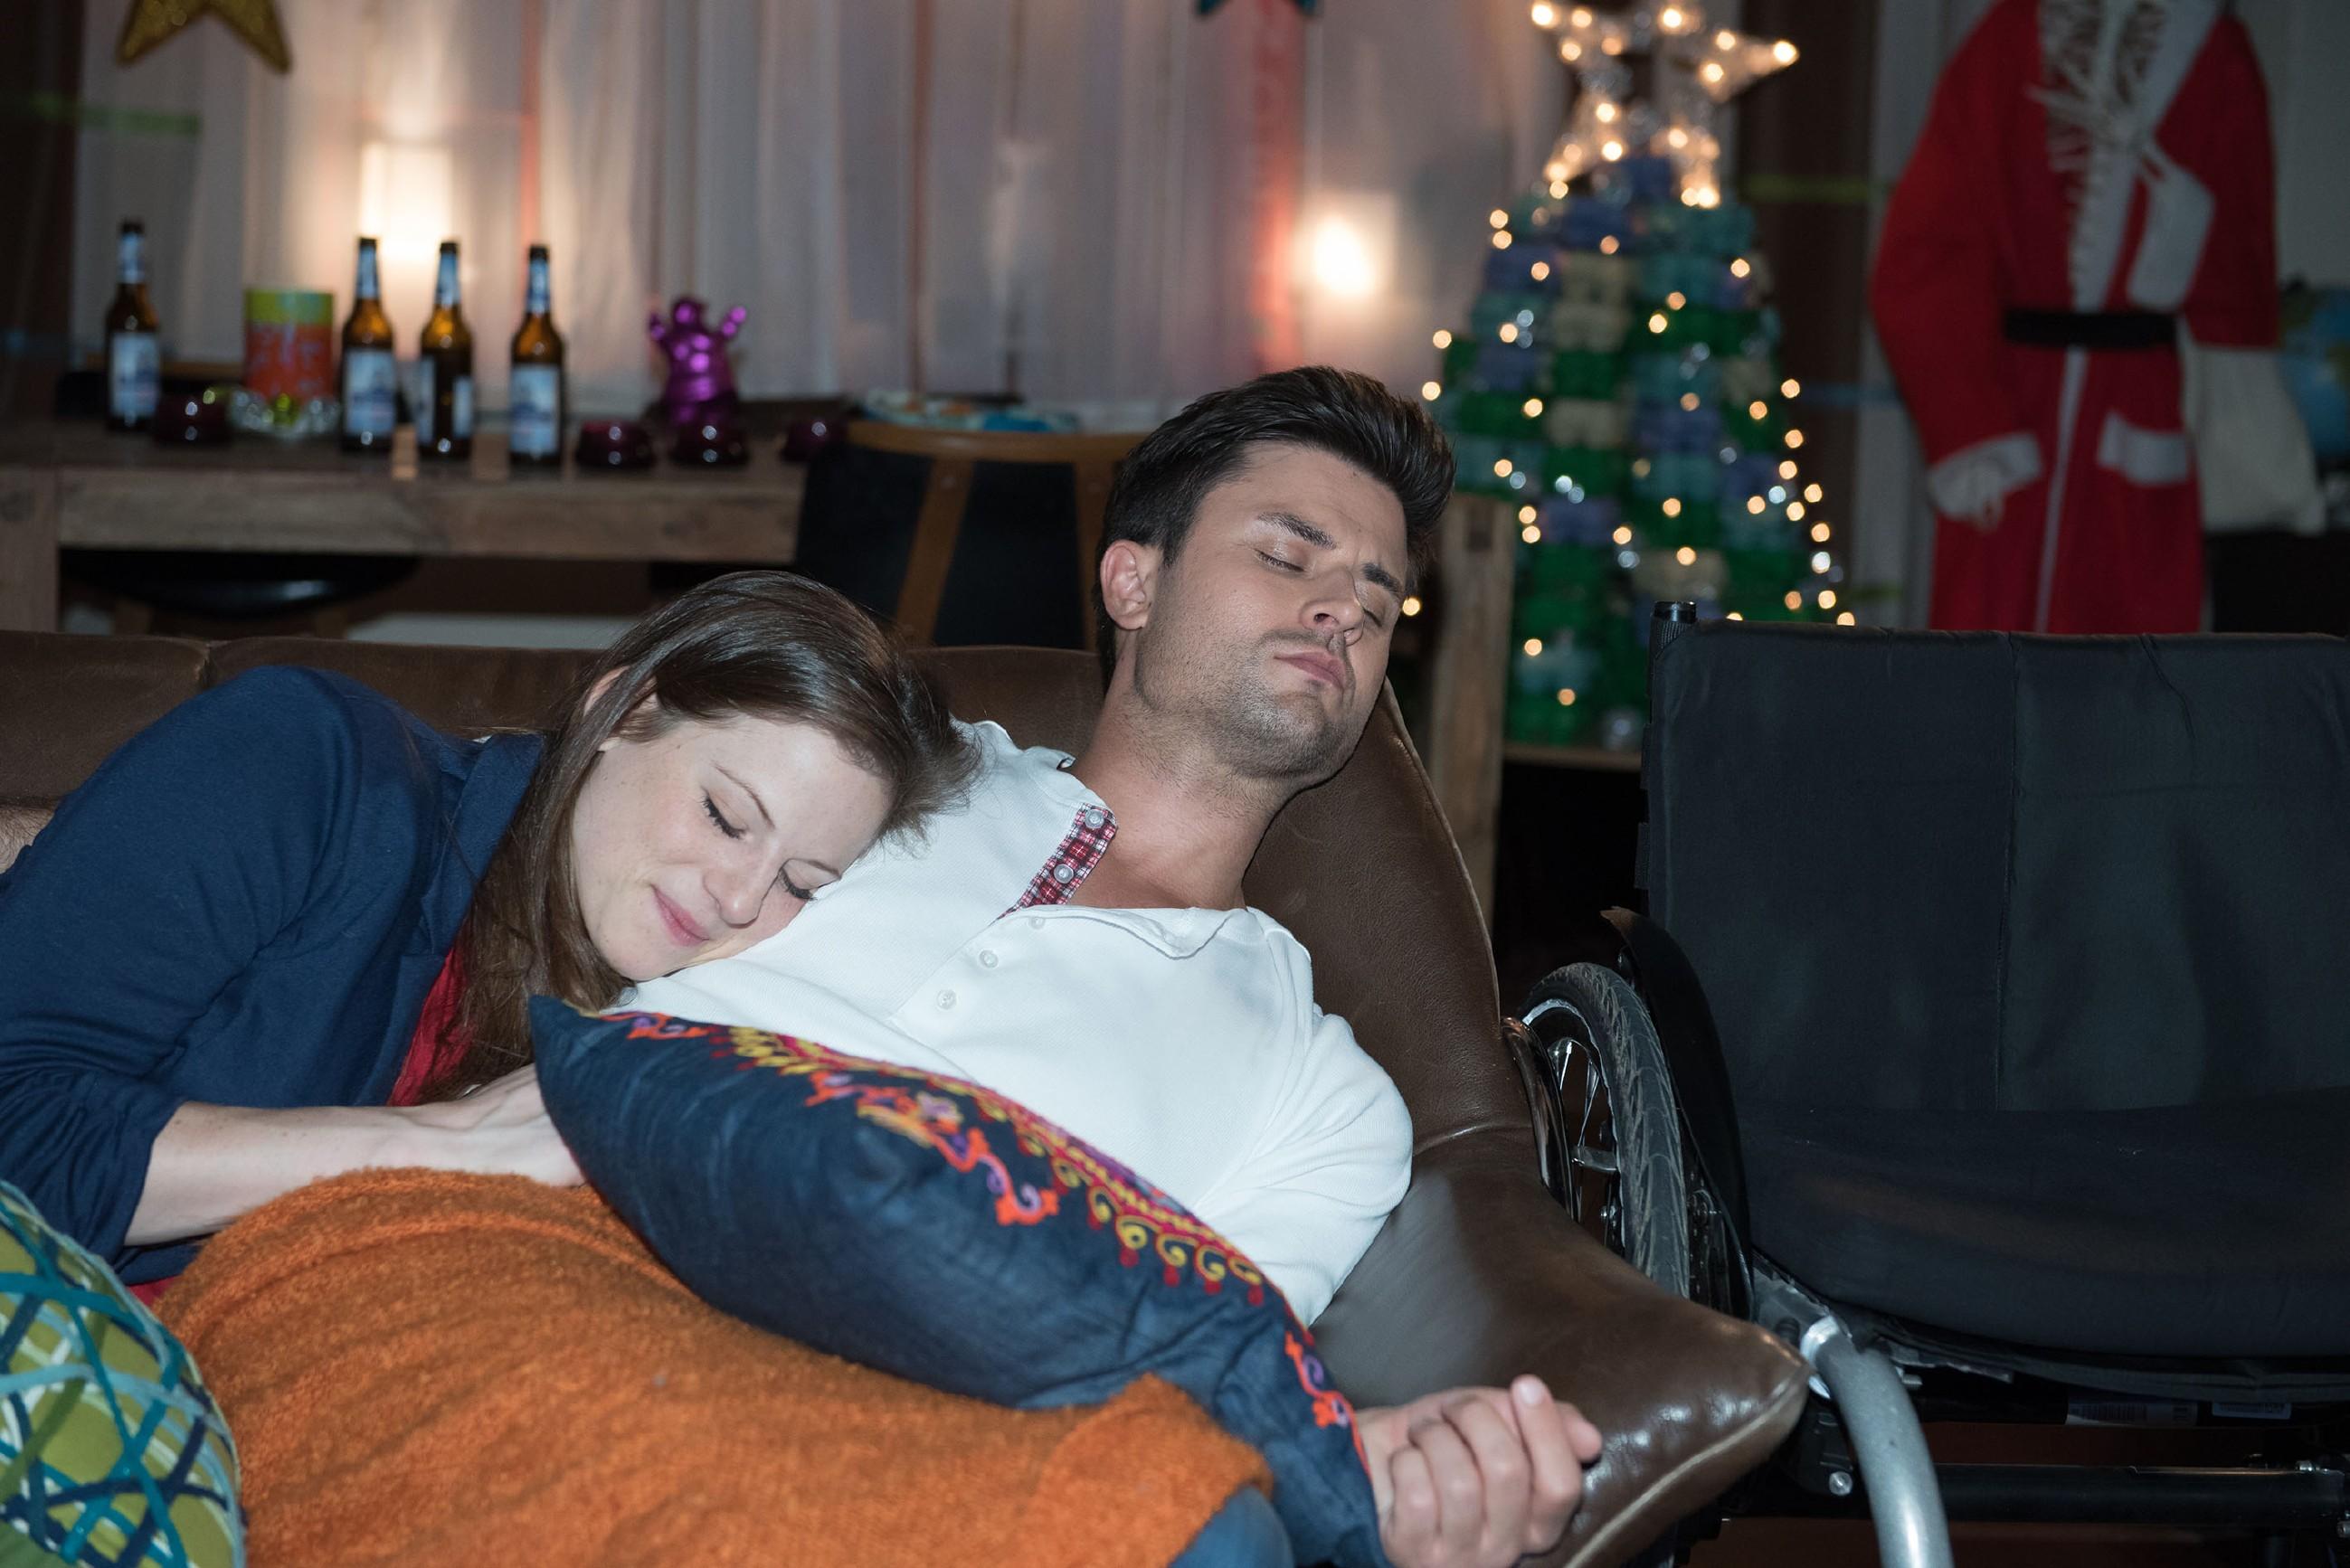 Elli (Nora Koppen) genießt einen unschuldig-zärtlichen Moment mit Paco (Milos Vukovic), als sie, erschöpft vom gemeinsamen Spaß, zusammen auf dem Sofa einschlafen. (Quelle: RTL / Stefan Behrens)